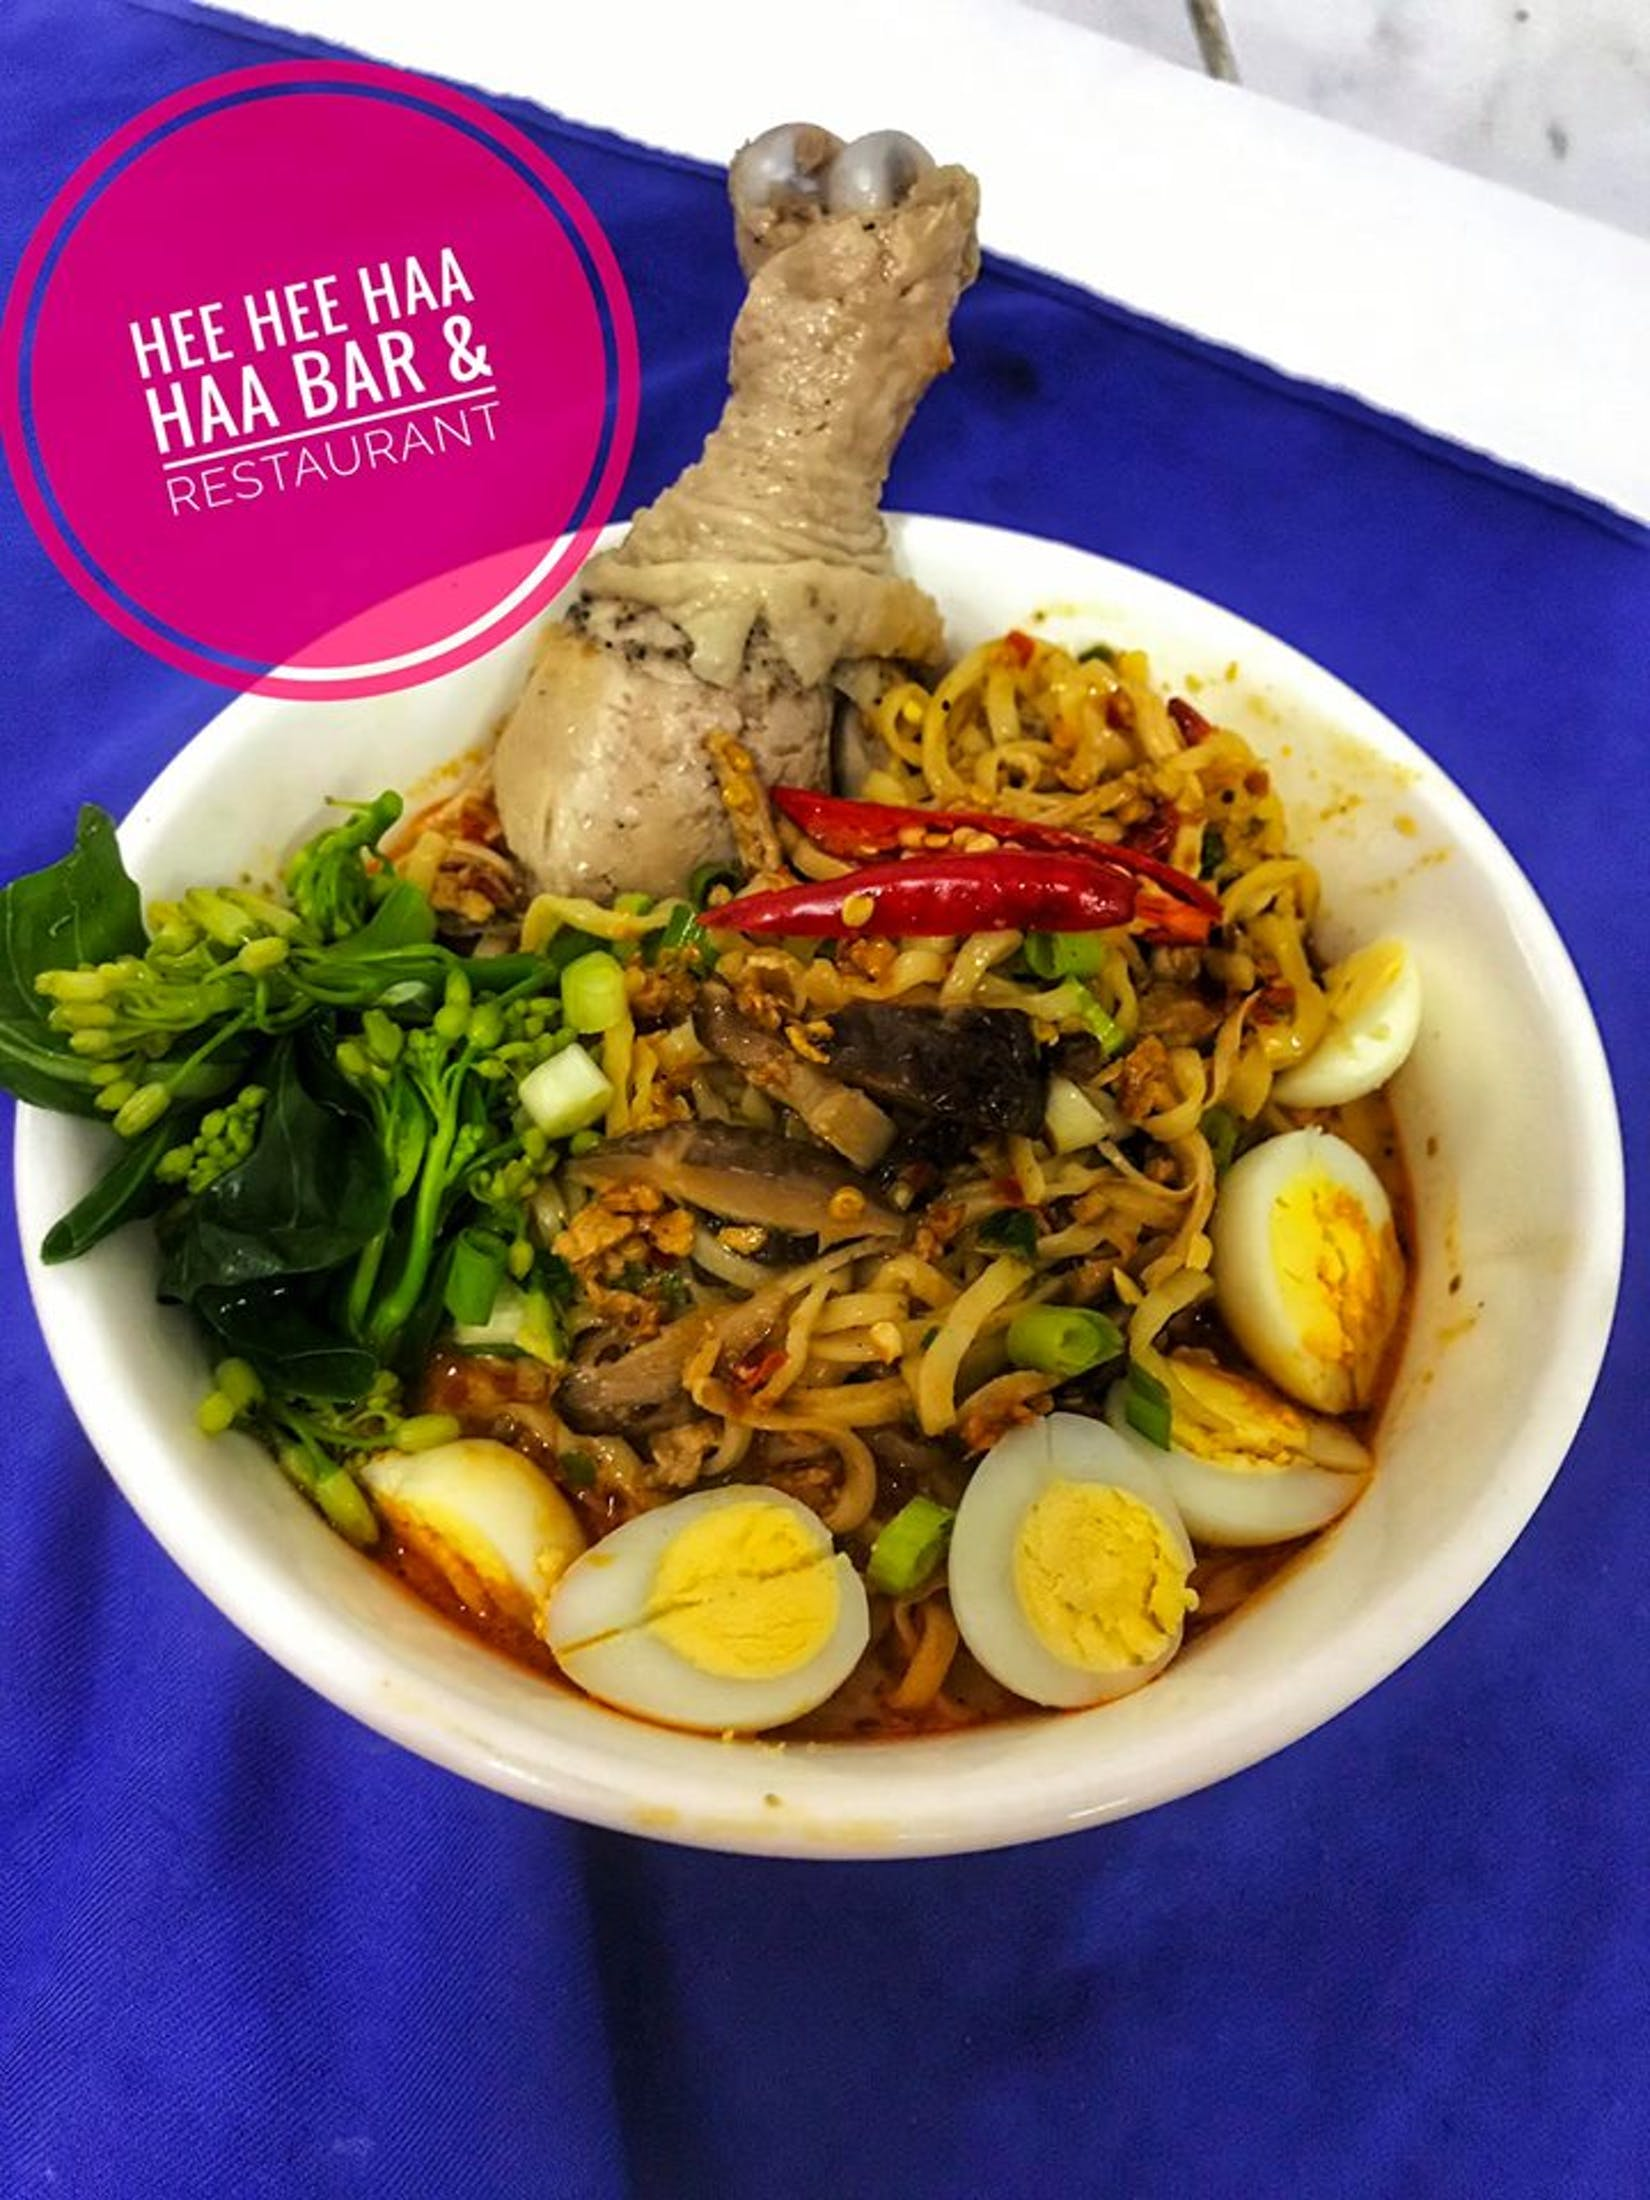 Hee Hee Haa Haa Bar & Restaurant | yathar